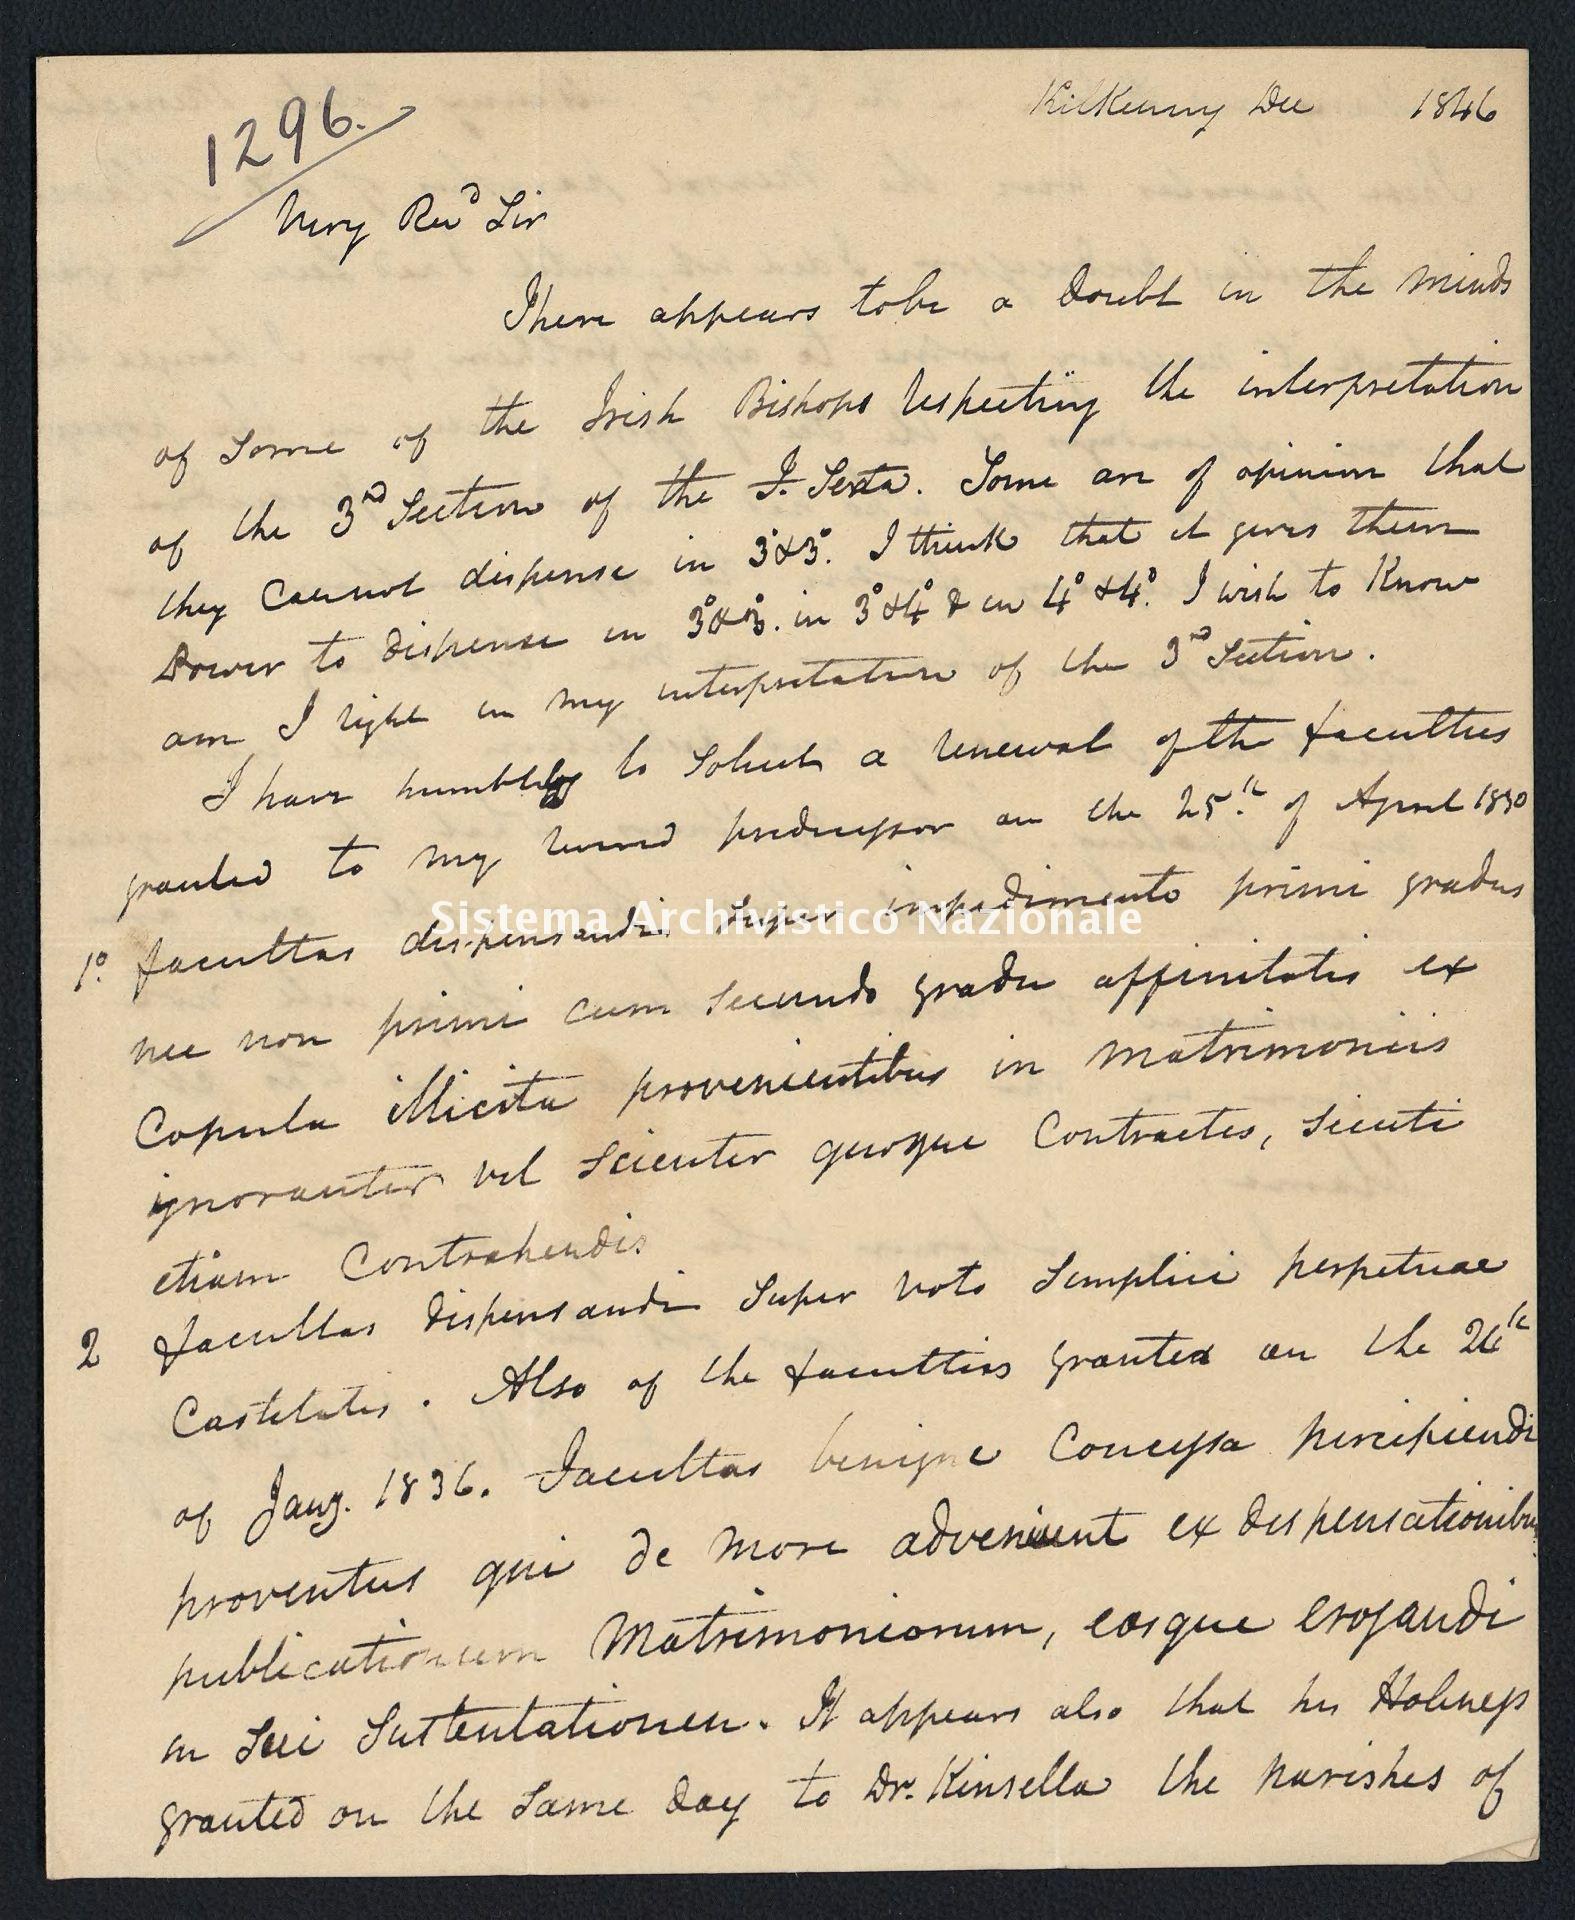 Pontificio Collegio Irlandese - Cullen_1846_1296